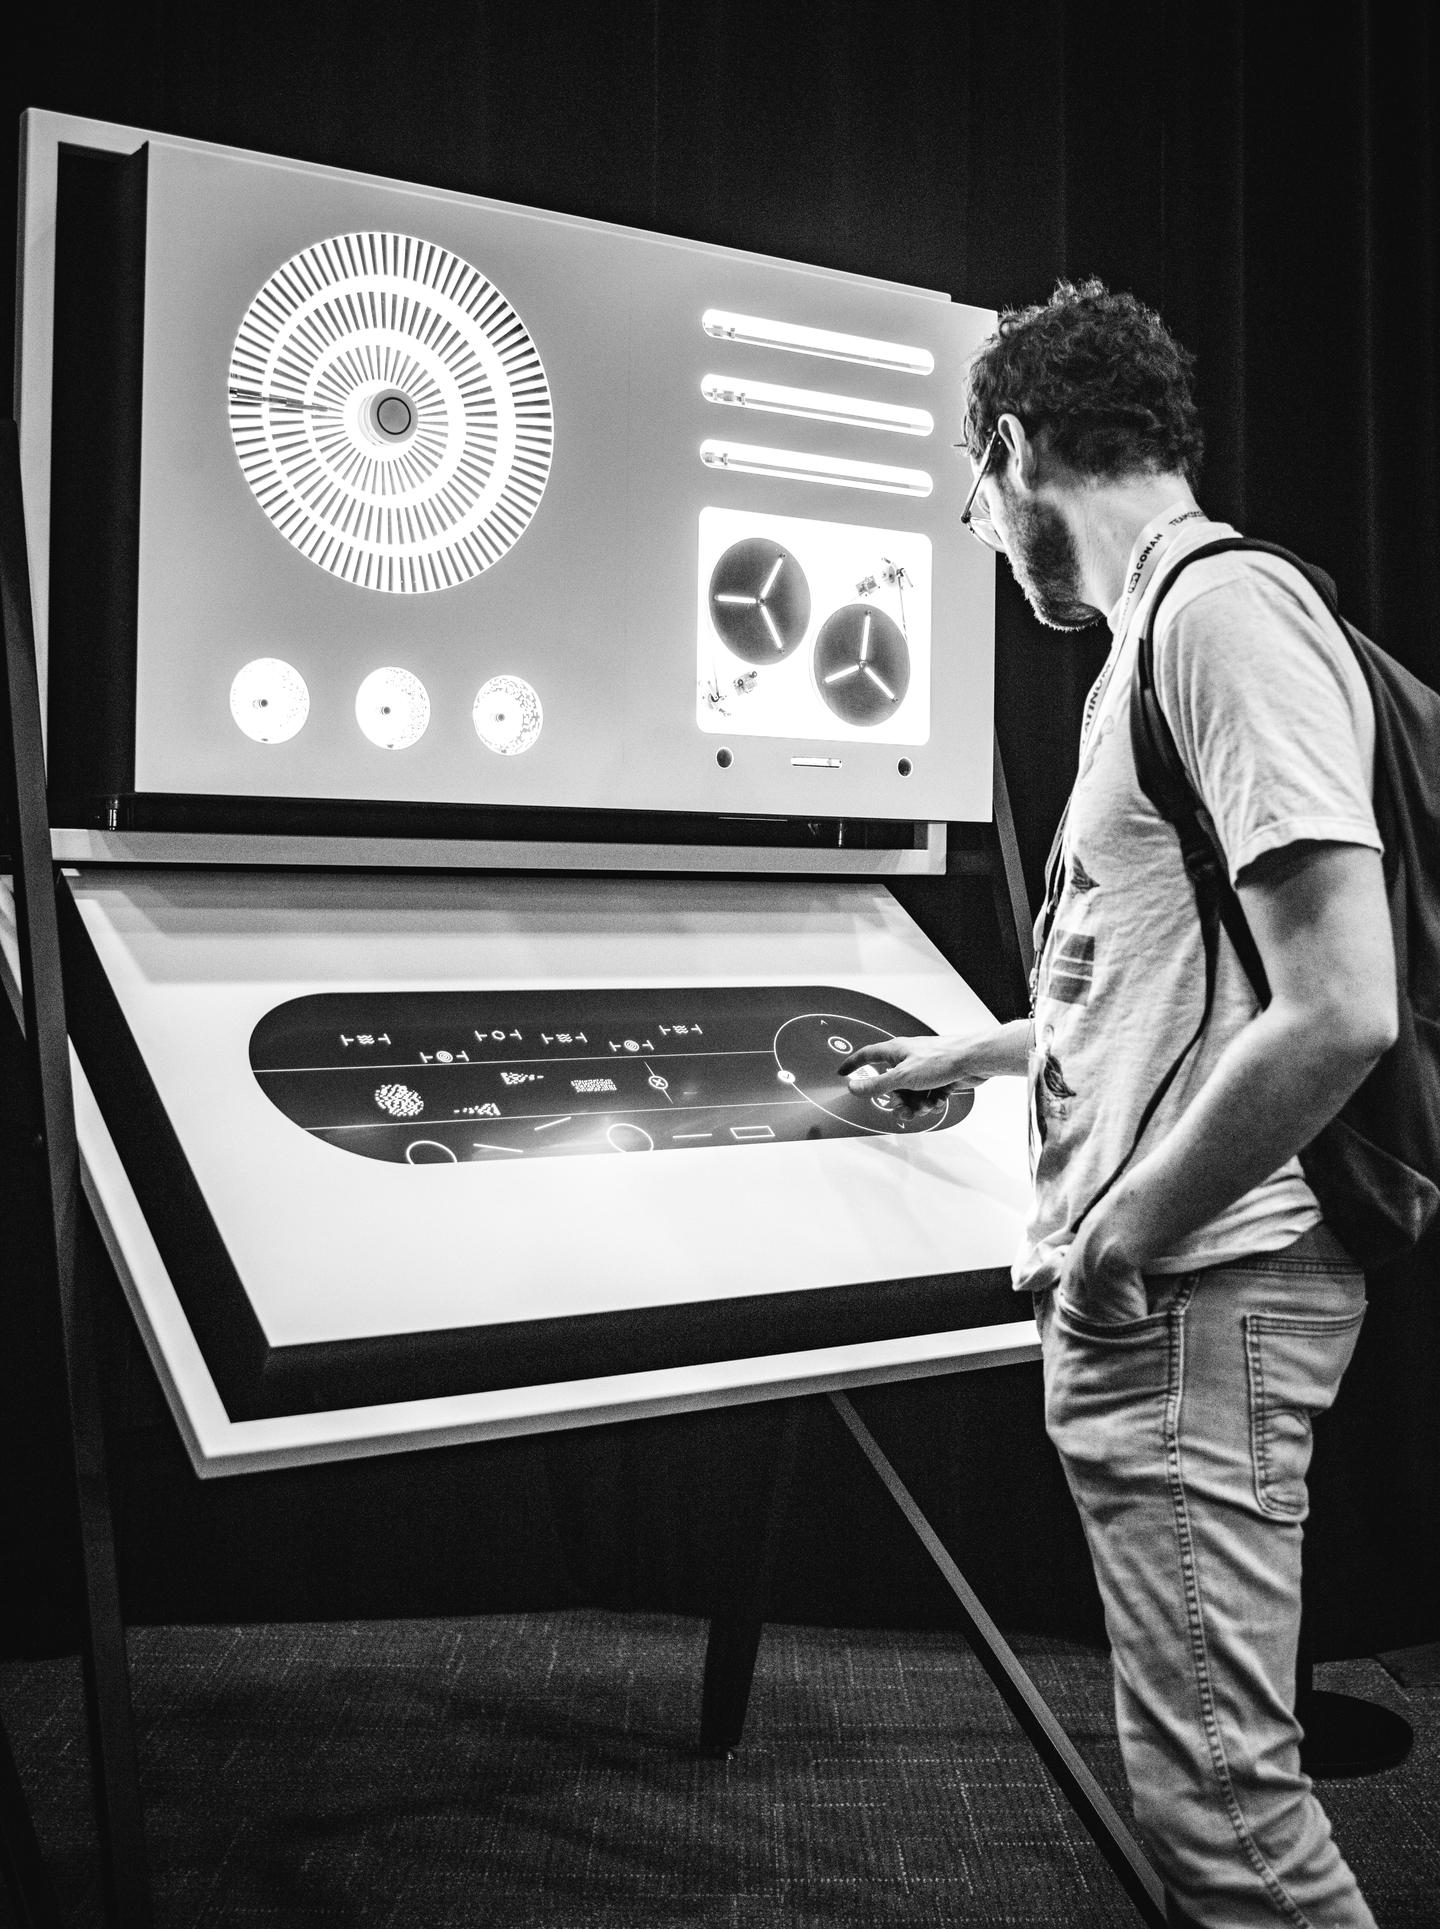 SXSW Art Program Presents APPARATUM by panGenerator - Krzysztof Cybulski, Krzysztof Goliński, Jakub Koźniewski. Check it out in Room 10C of the Austin Convention Center.